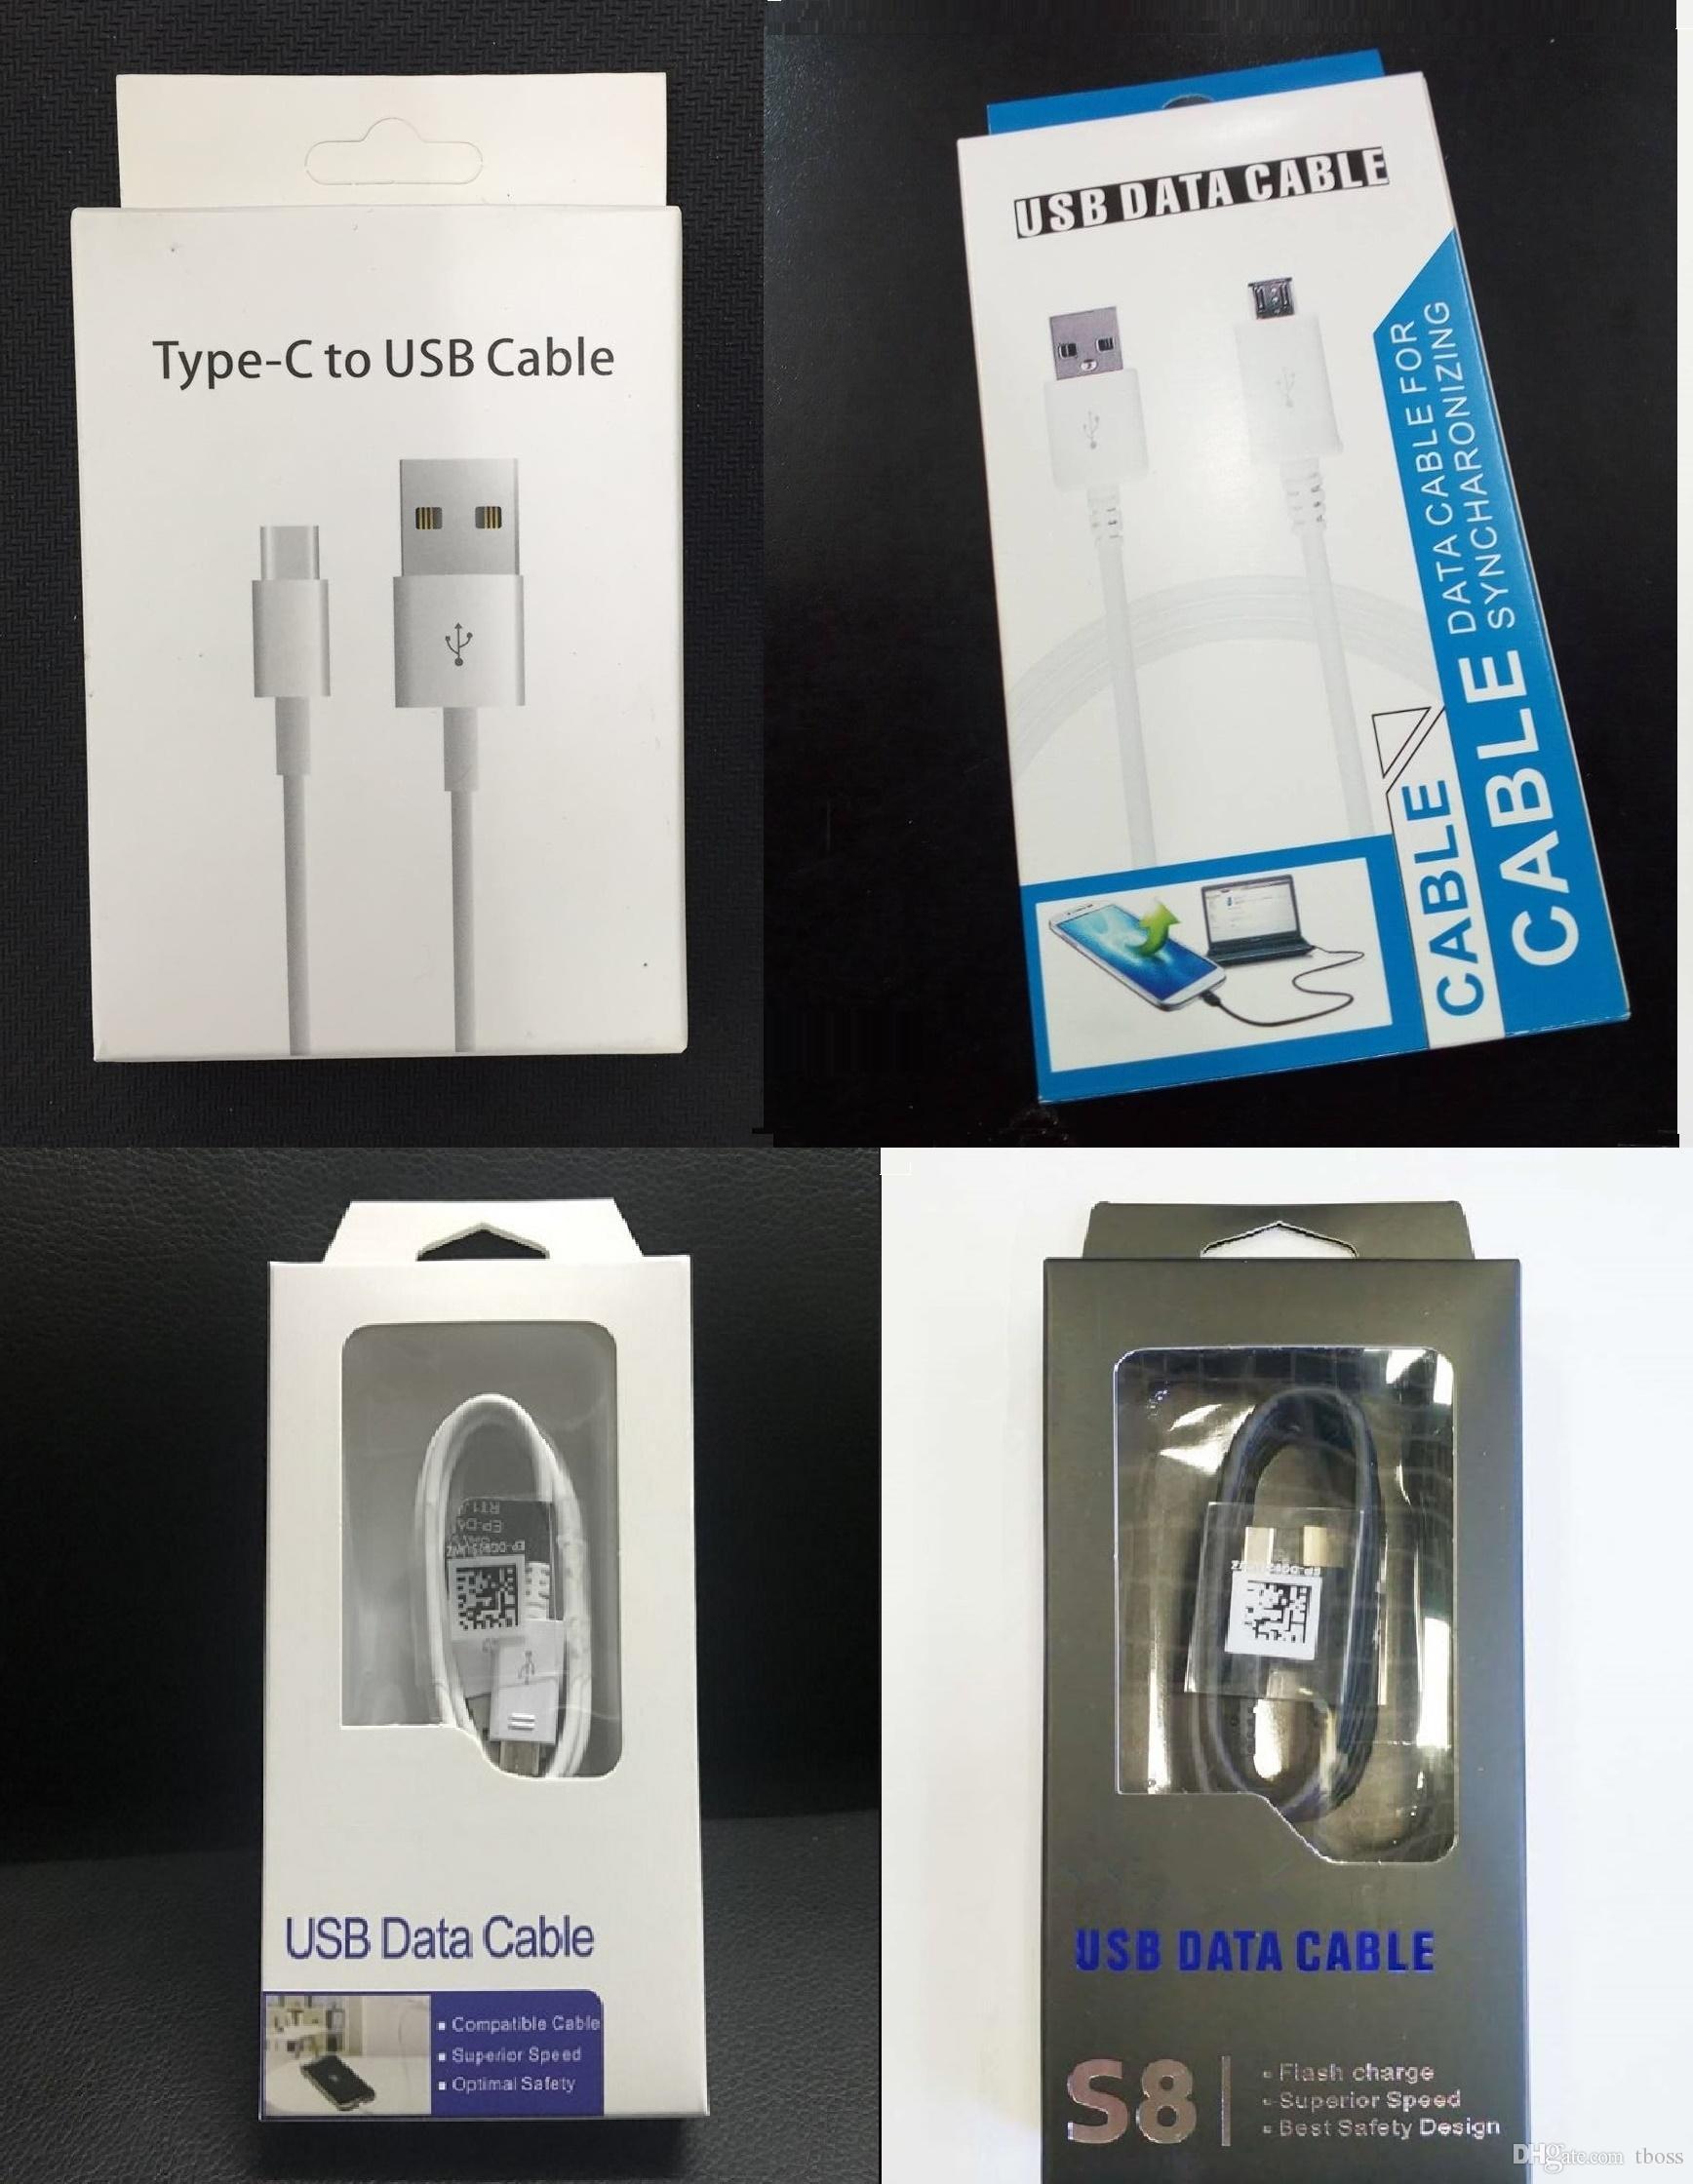 Kleinpaket-Beutel-Kästen, die Kasten für Telefon-Art C Mikro-USB-Aufladeeinheits-Datenkabel verpacken Samsung-Galaxie S4 S6 S8 S9 S10 Anmerkung 9 8 7 6 Universal